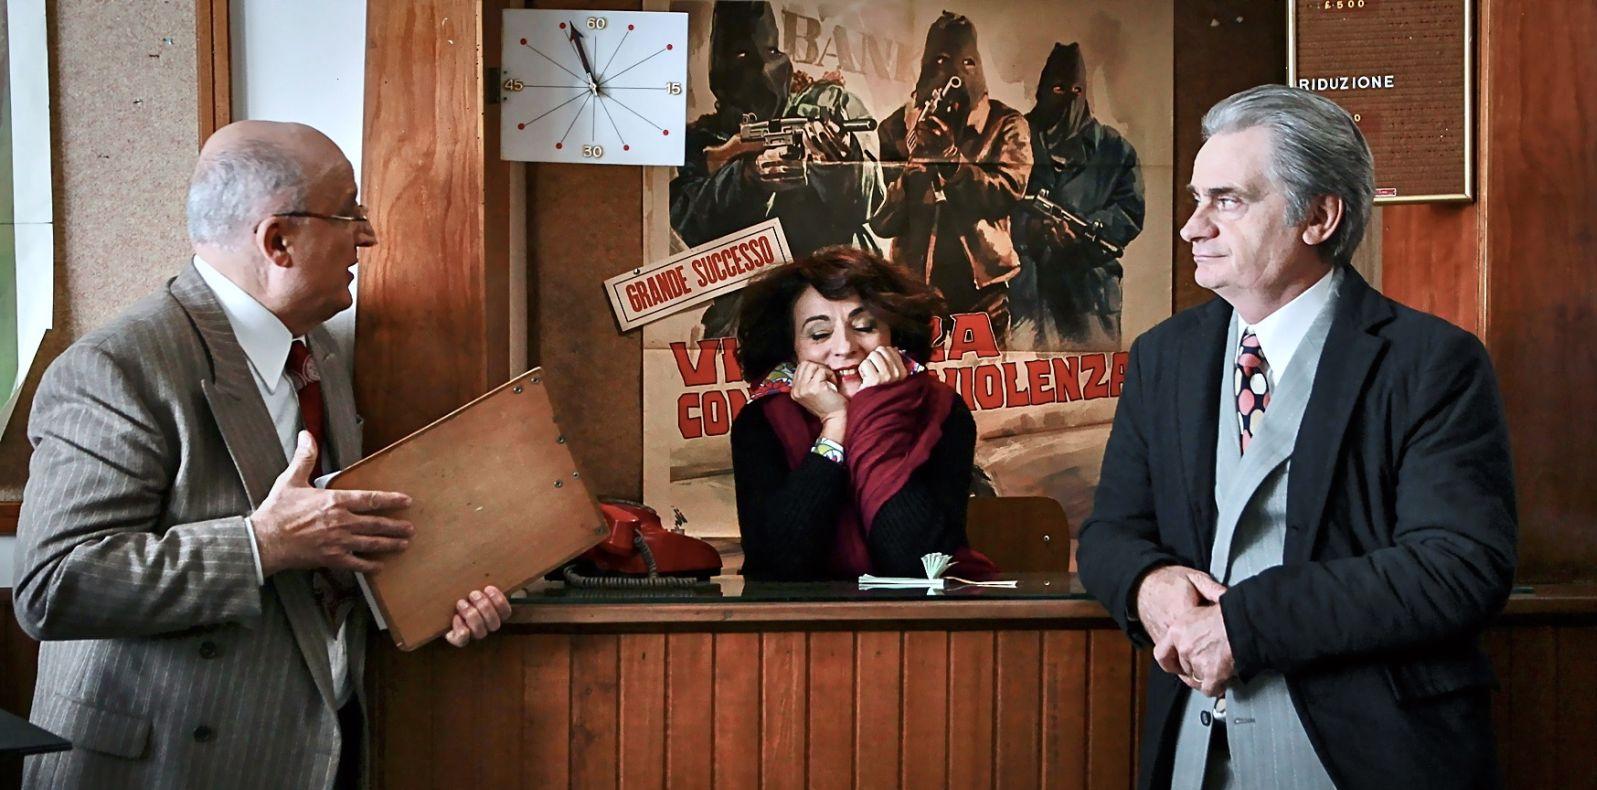 L'Universale: Paolo Hendel, Claudio Bigagli e Anna Meacci in una scena del film